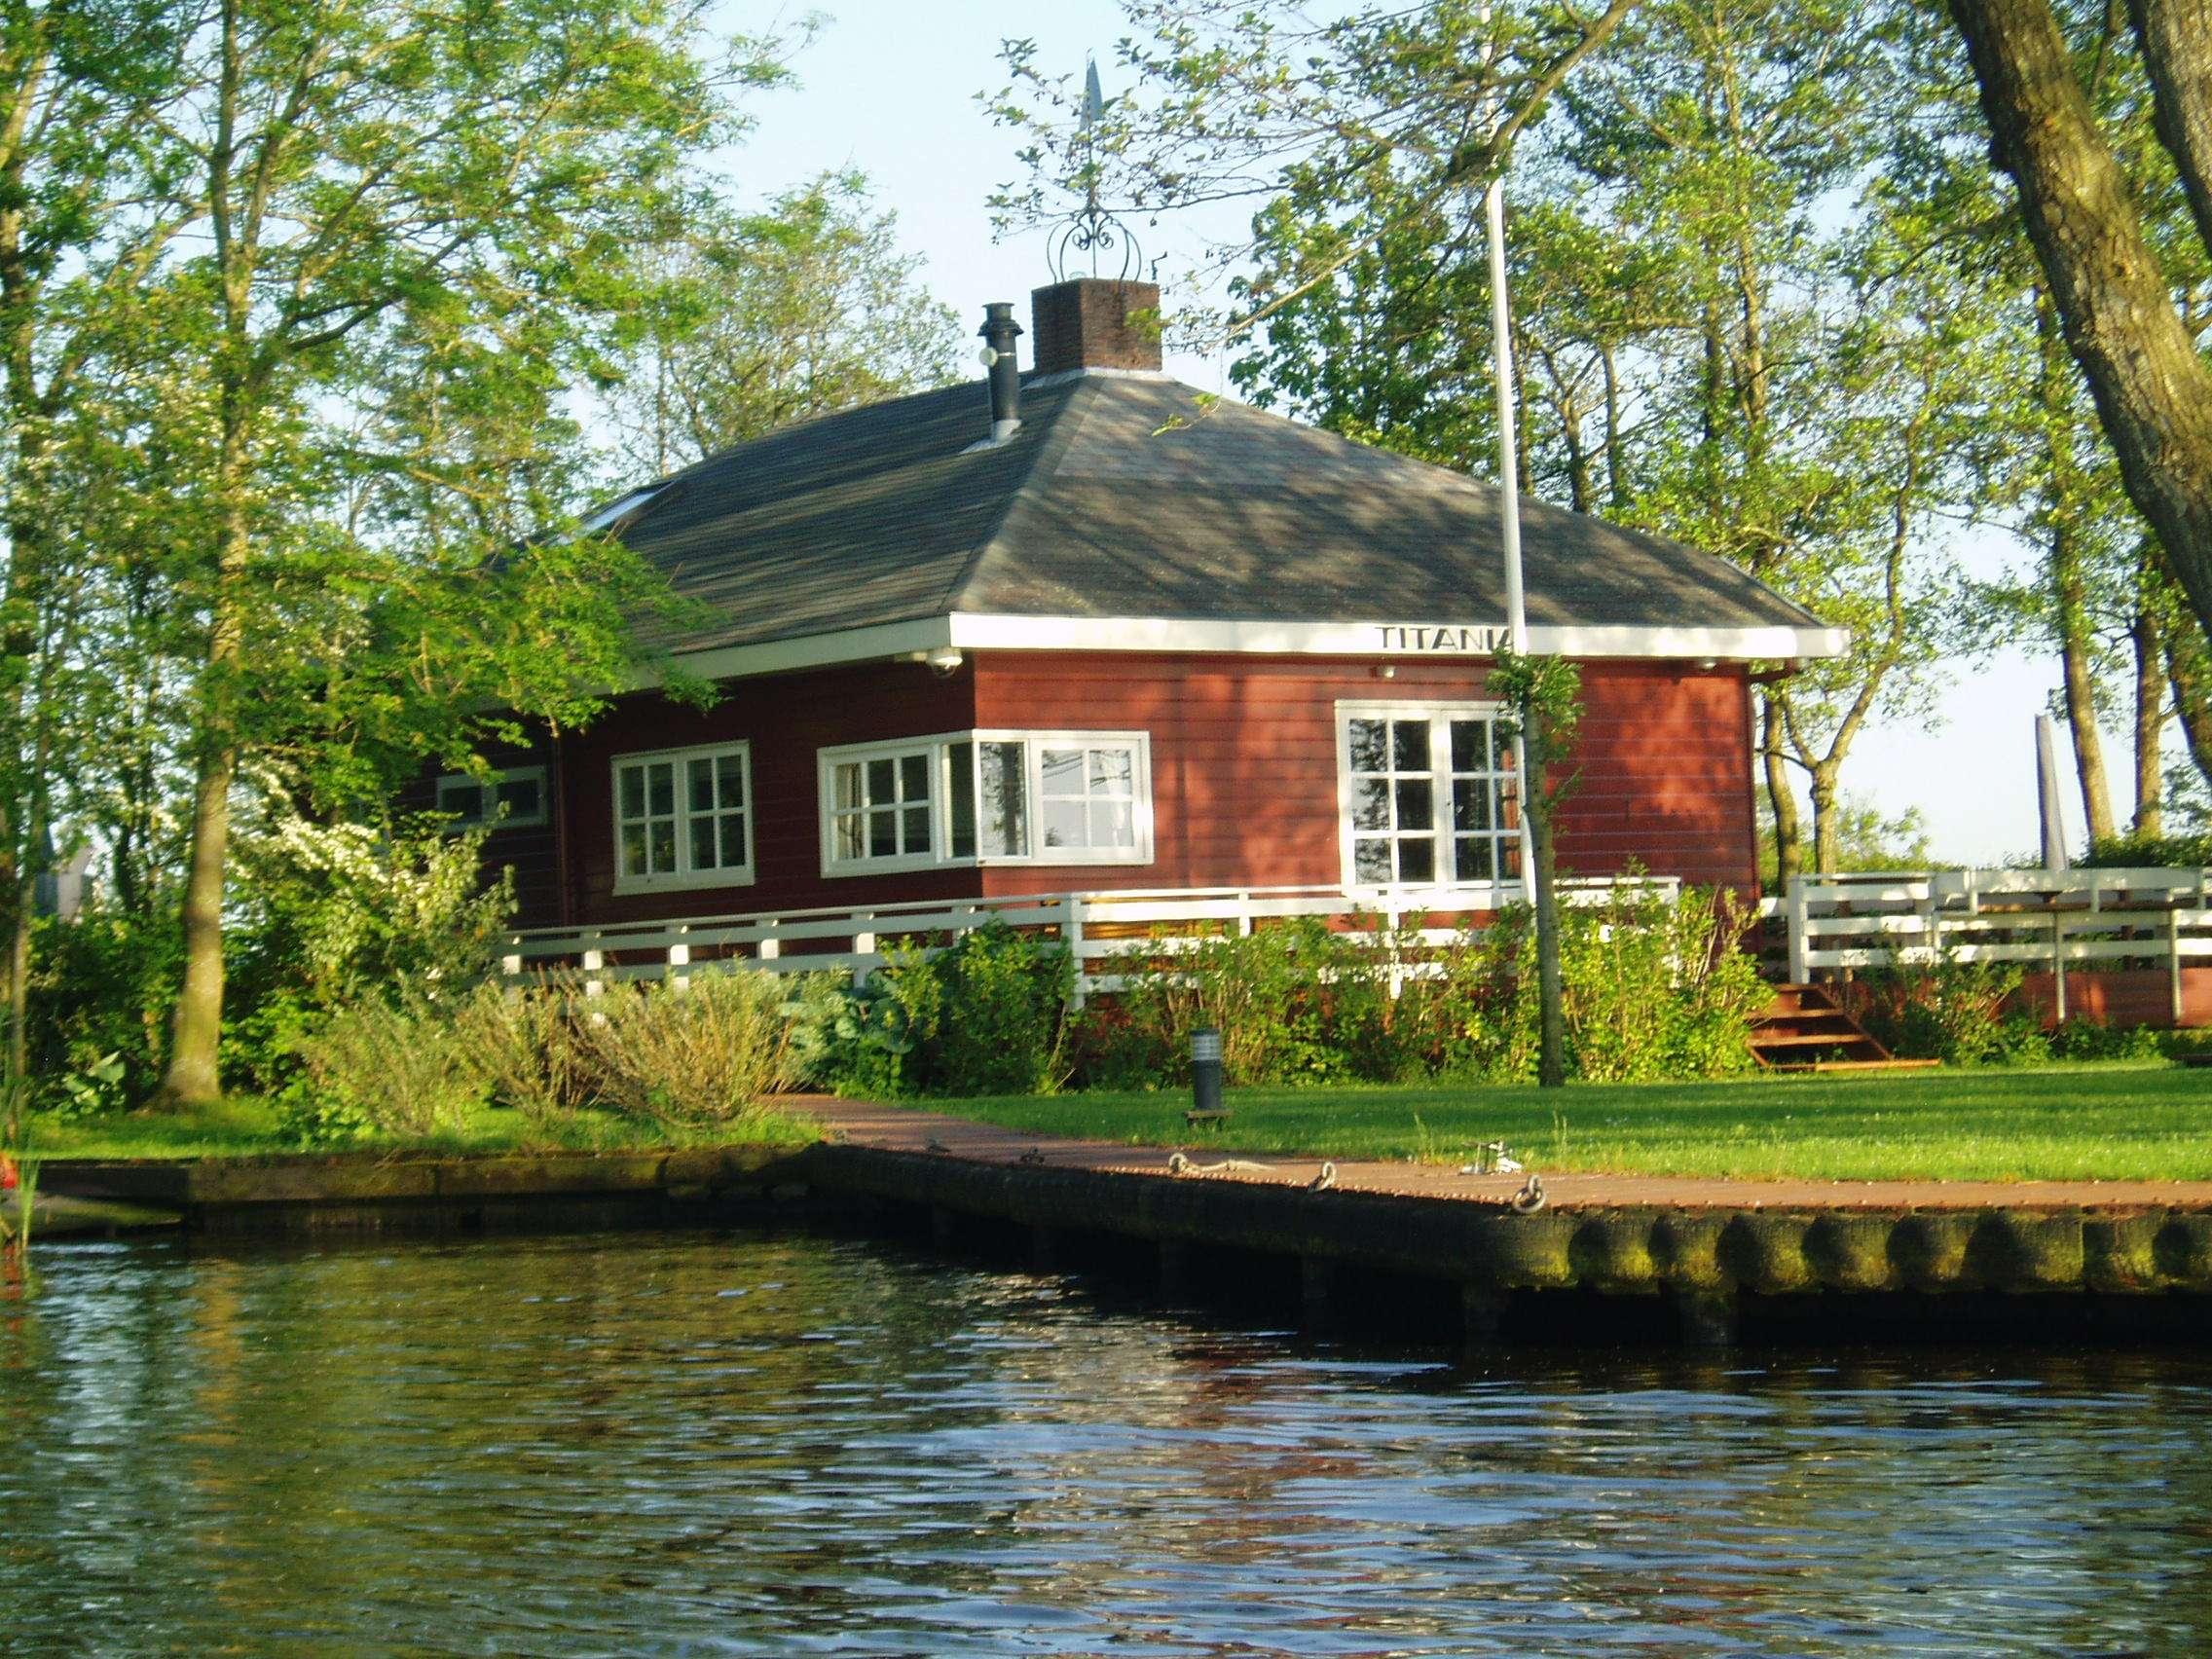 Zomerhuis Vakantie Inspiratie : Vakantiehuis titania alde feanen verhuur en bemiddeling